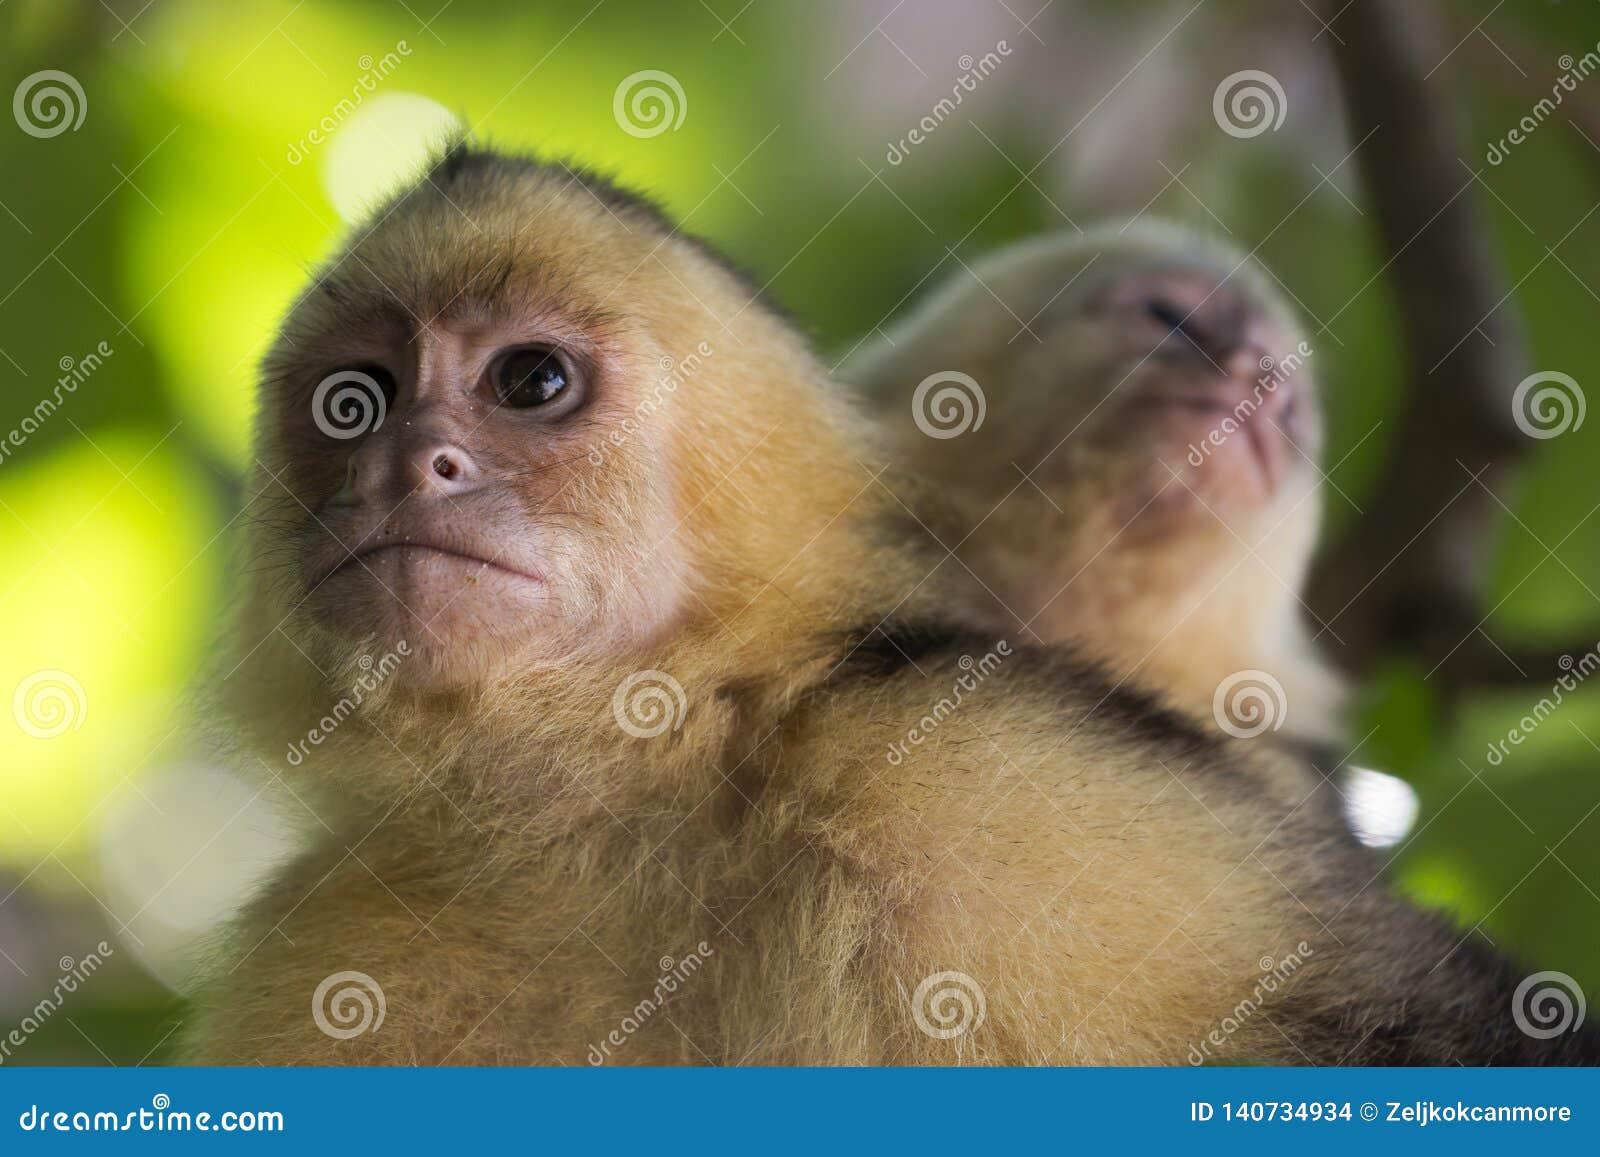 Обезьяна Манюэль Antonio Коста-Рика Capuchin жителя Панамы белая возглавленная